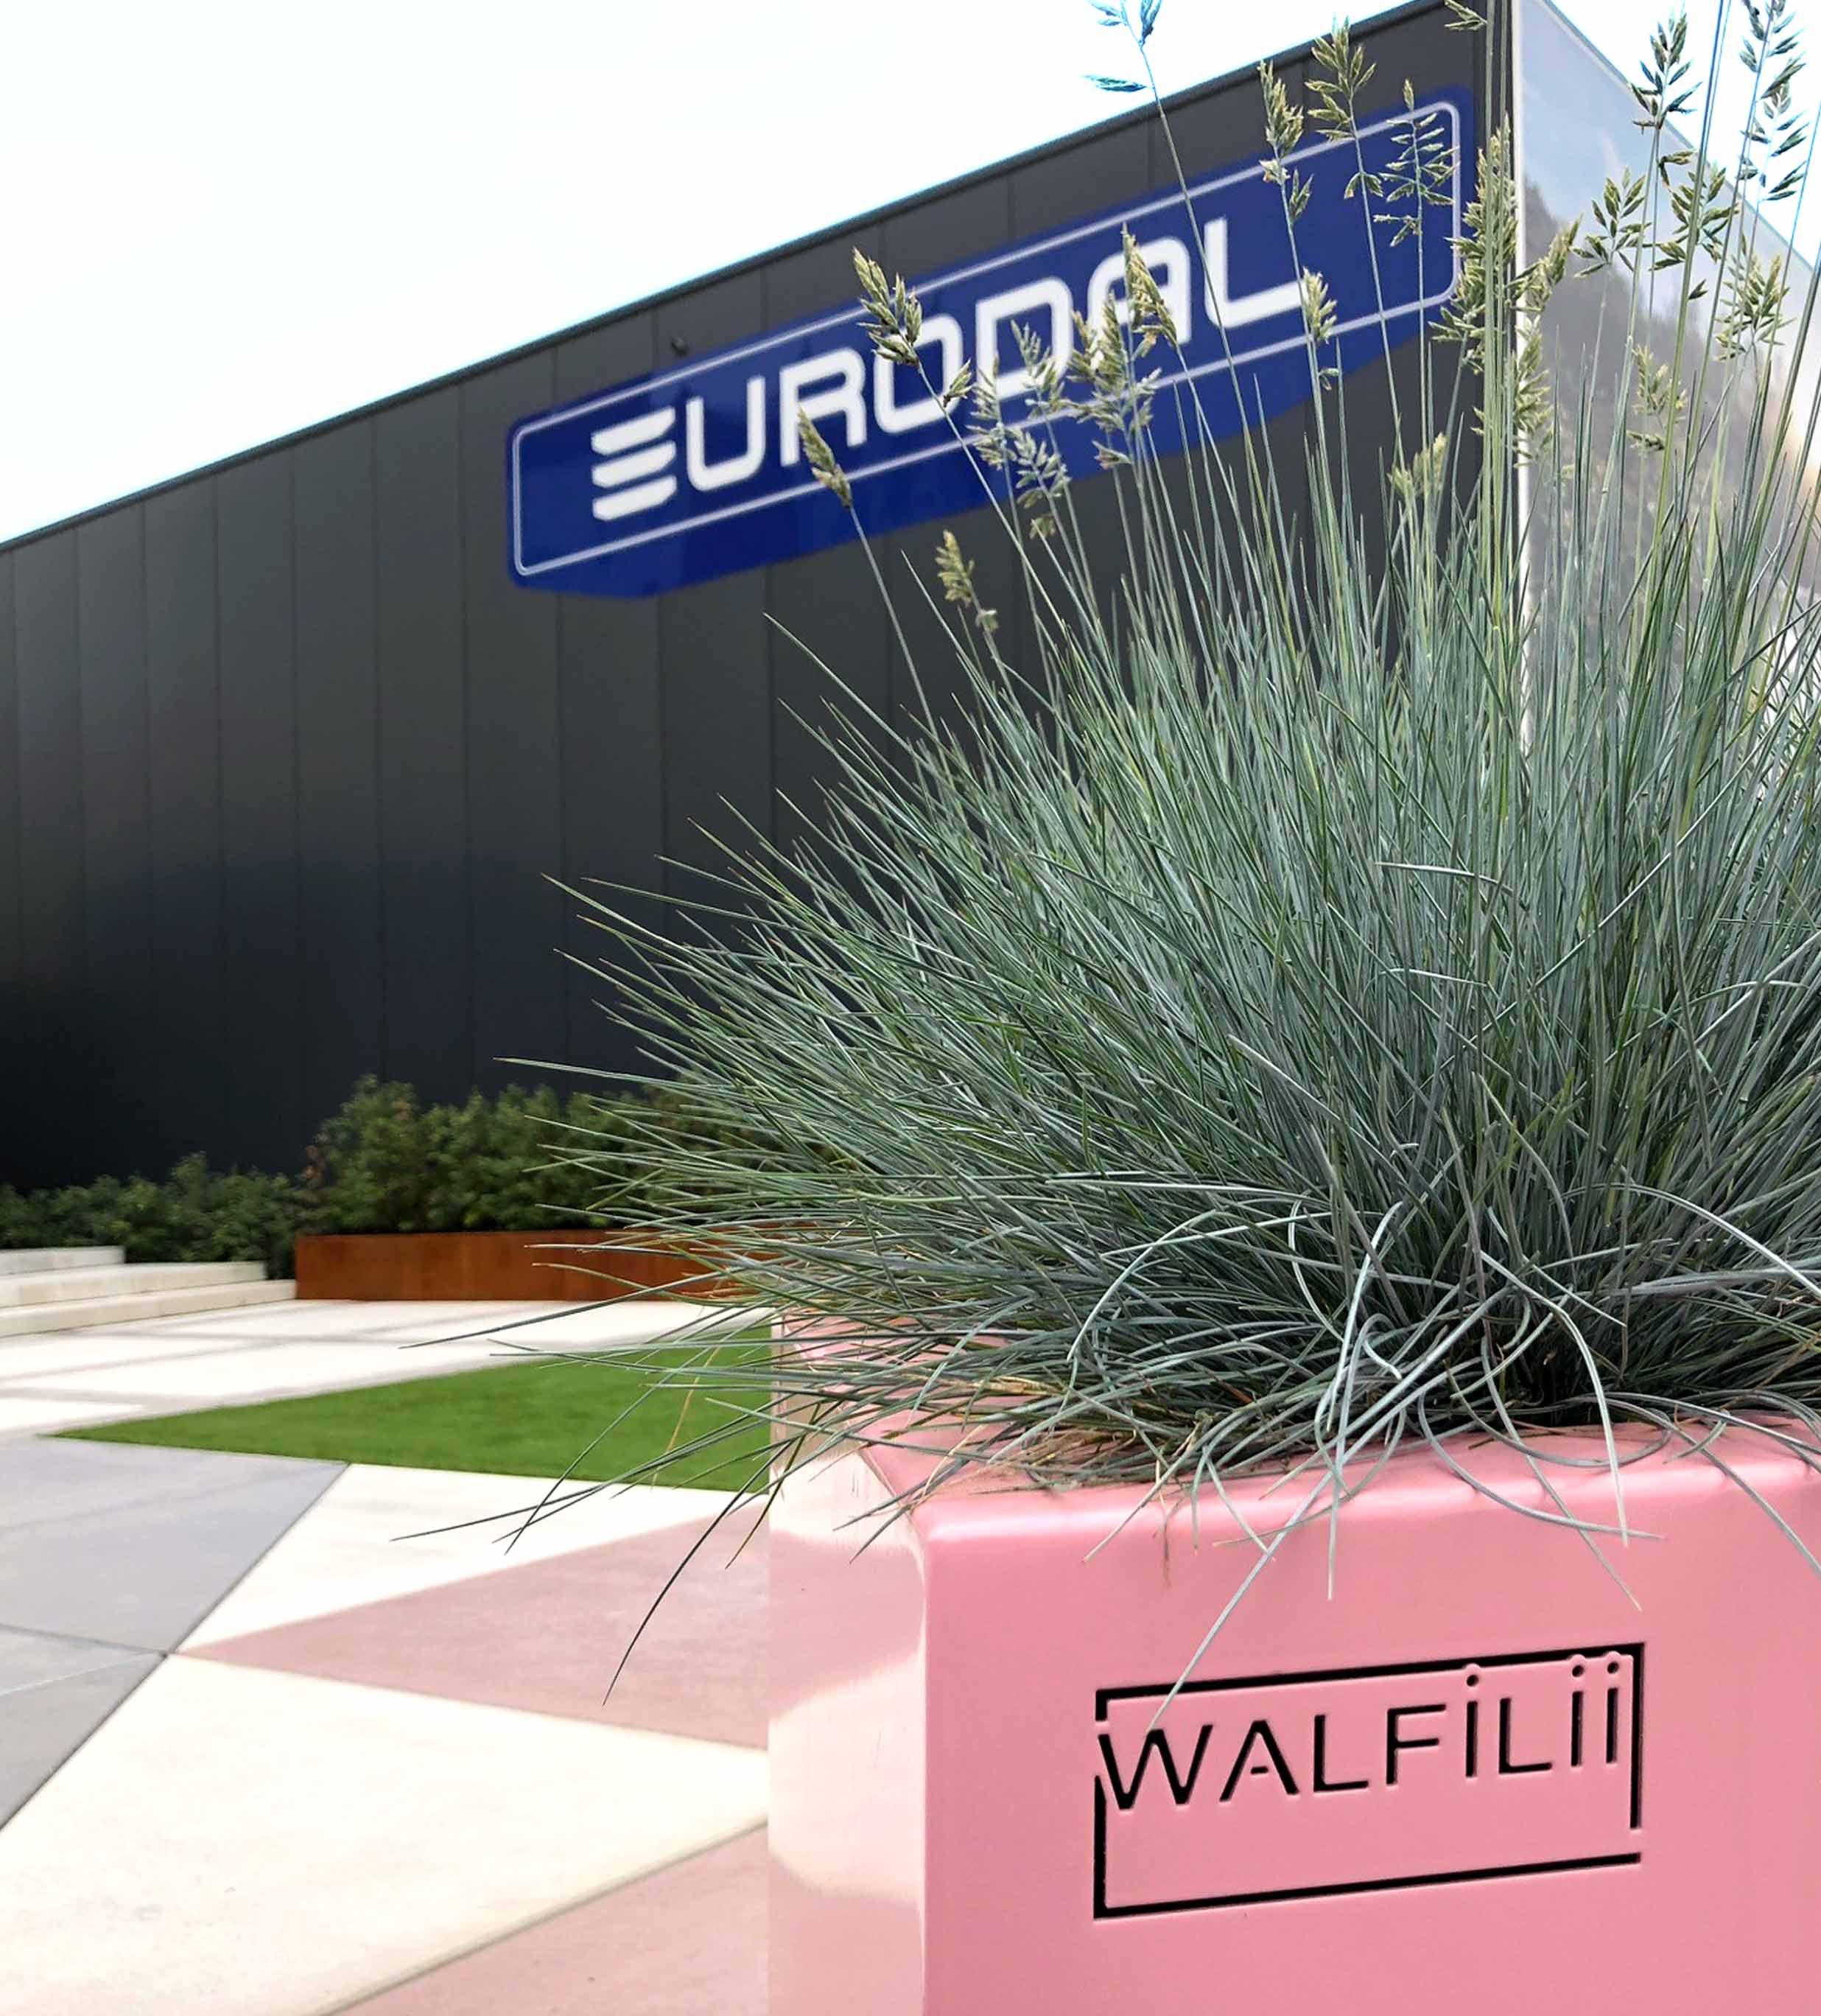 walfilii-realisaties-terras-plantenbakken-staal-design-eurodal-5